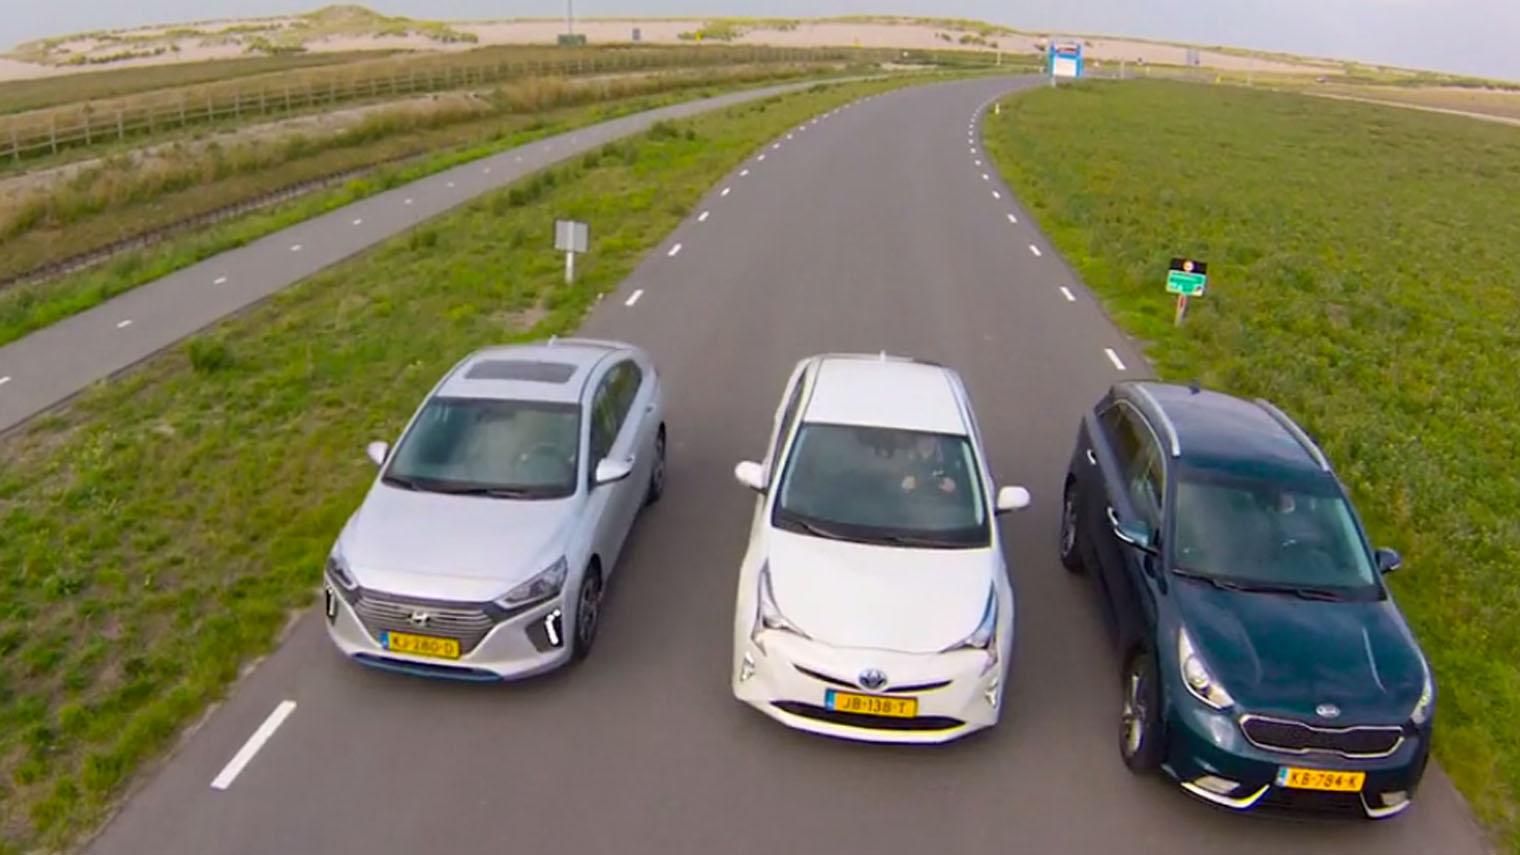 Triotest Hyundai Ioniq Vs Kia Niro Vs Toyota Prius Anwb